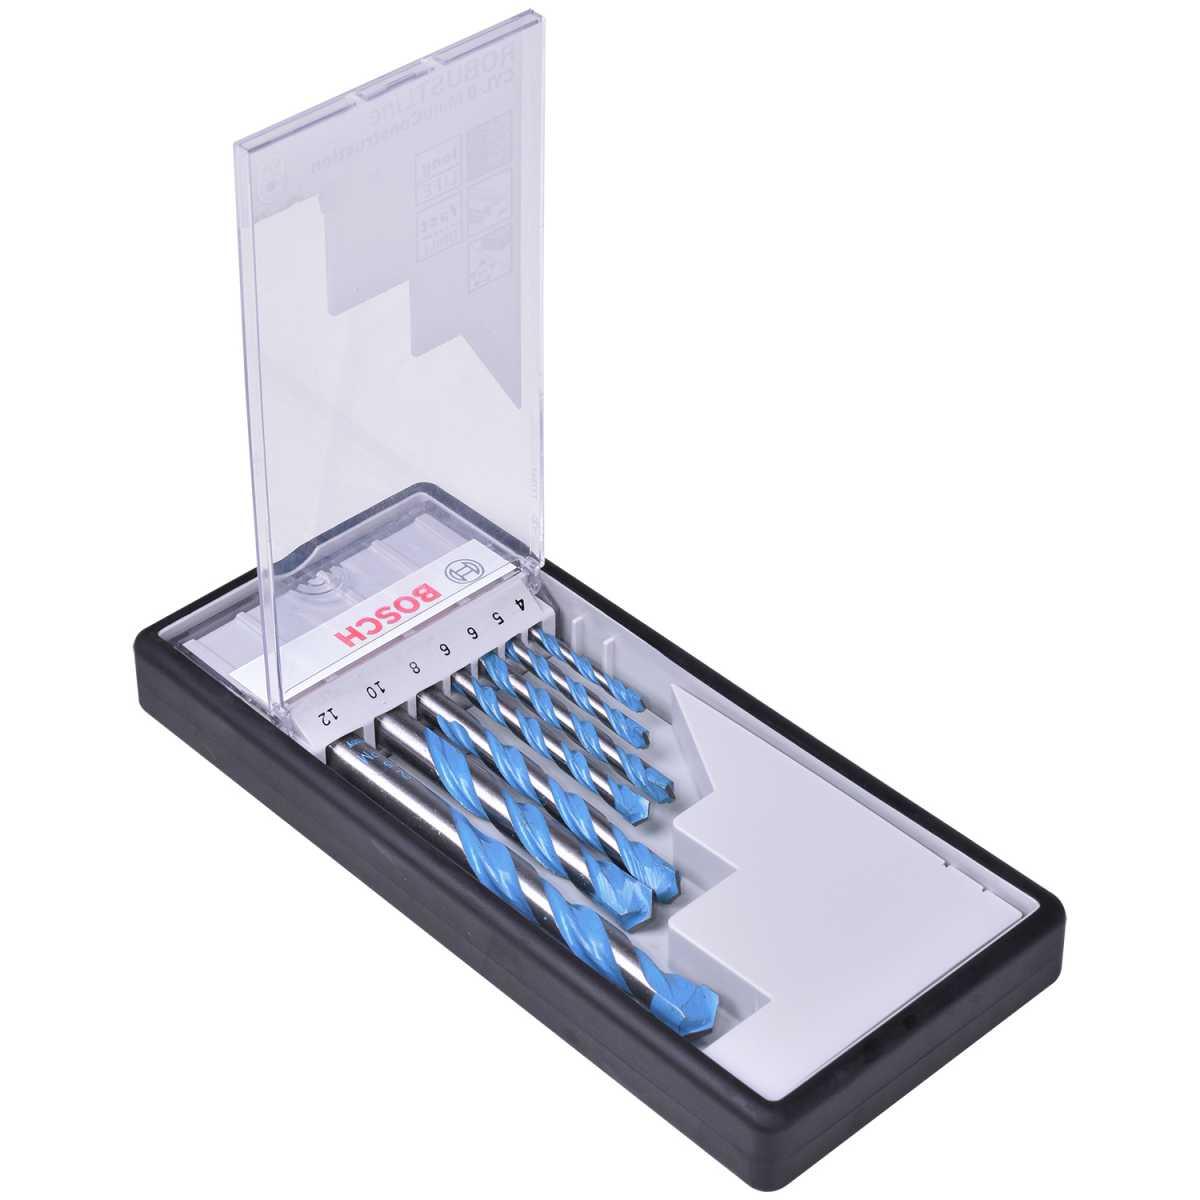 Jogo de Broca MultiConstruction 4 a 12mm 7 Peças - Bosch